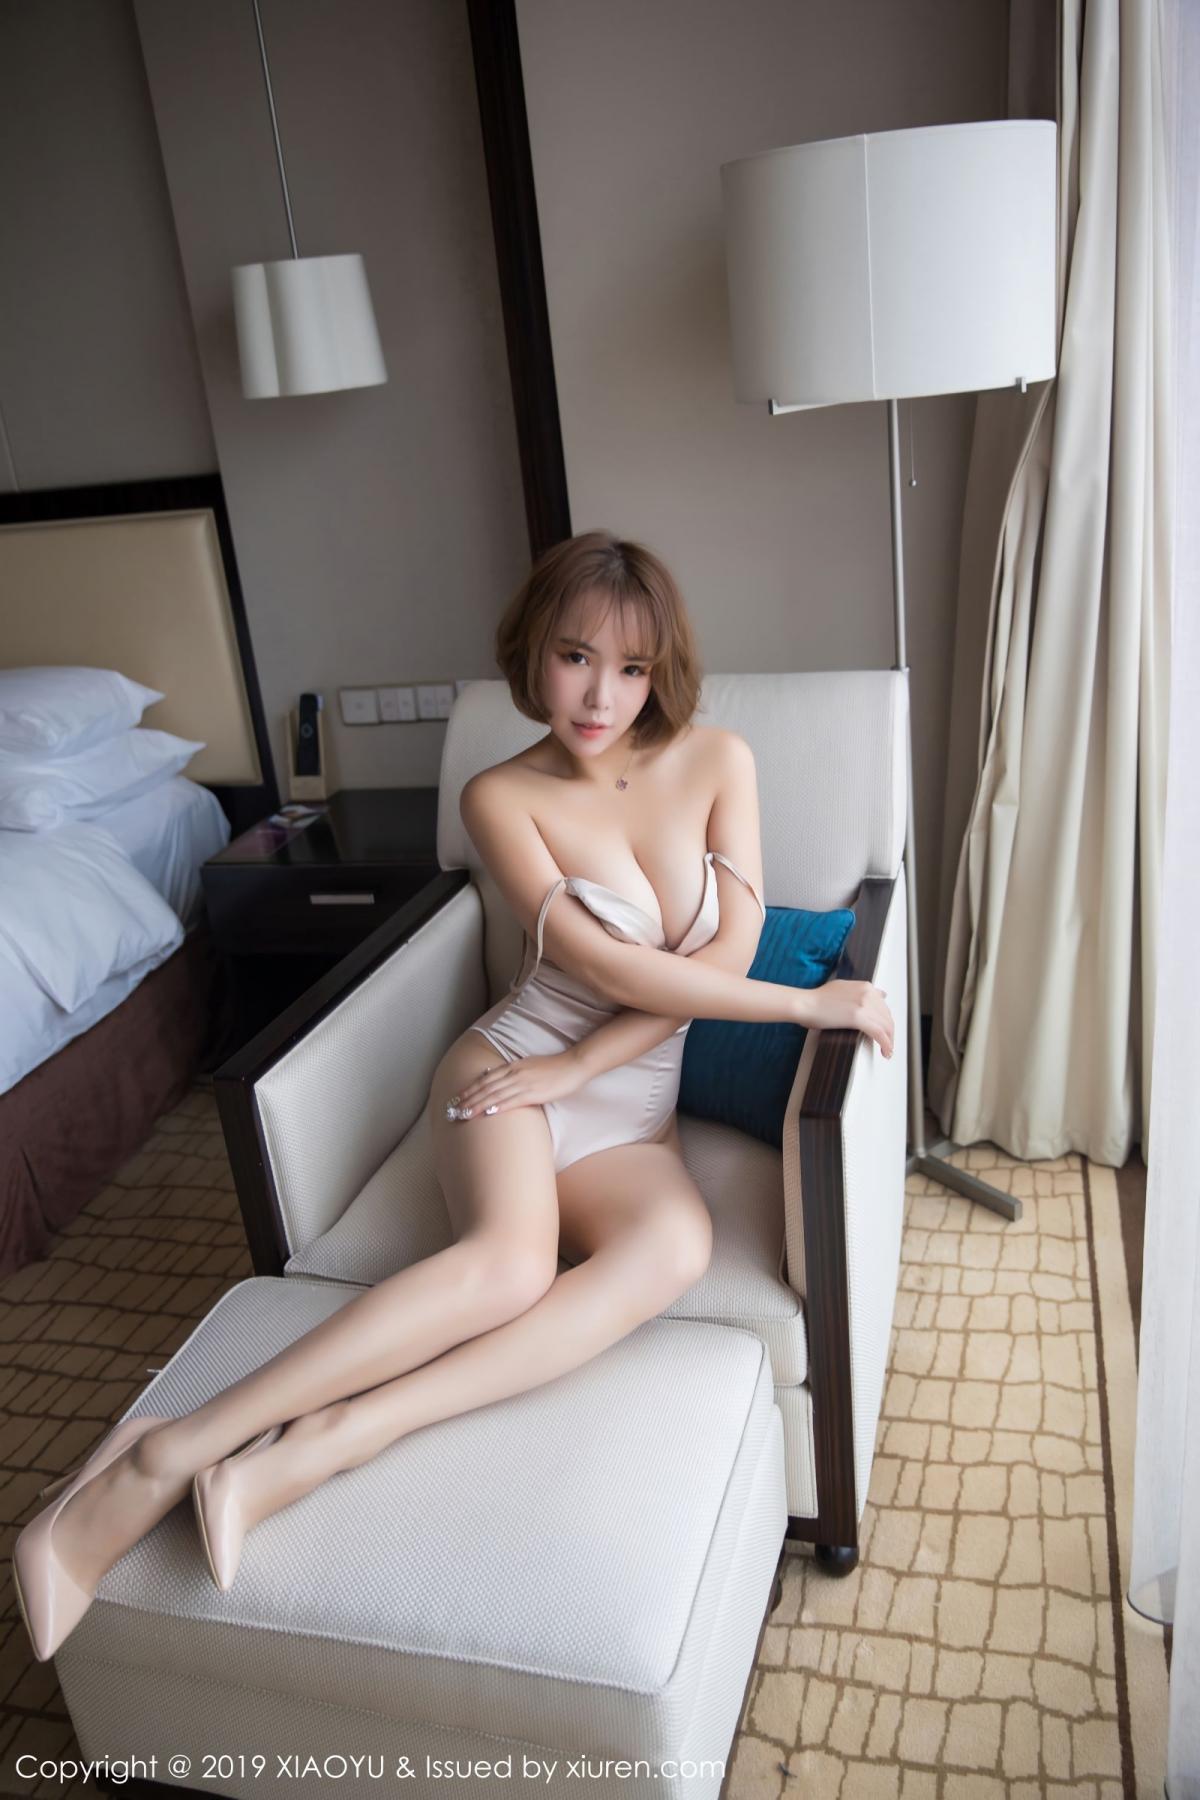 [XiaoYu] Vol.015 Chen Ya Wen 9P, Chen Ya Wen, Sexy, XiaoYu